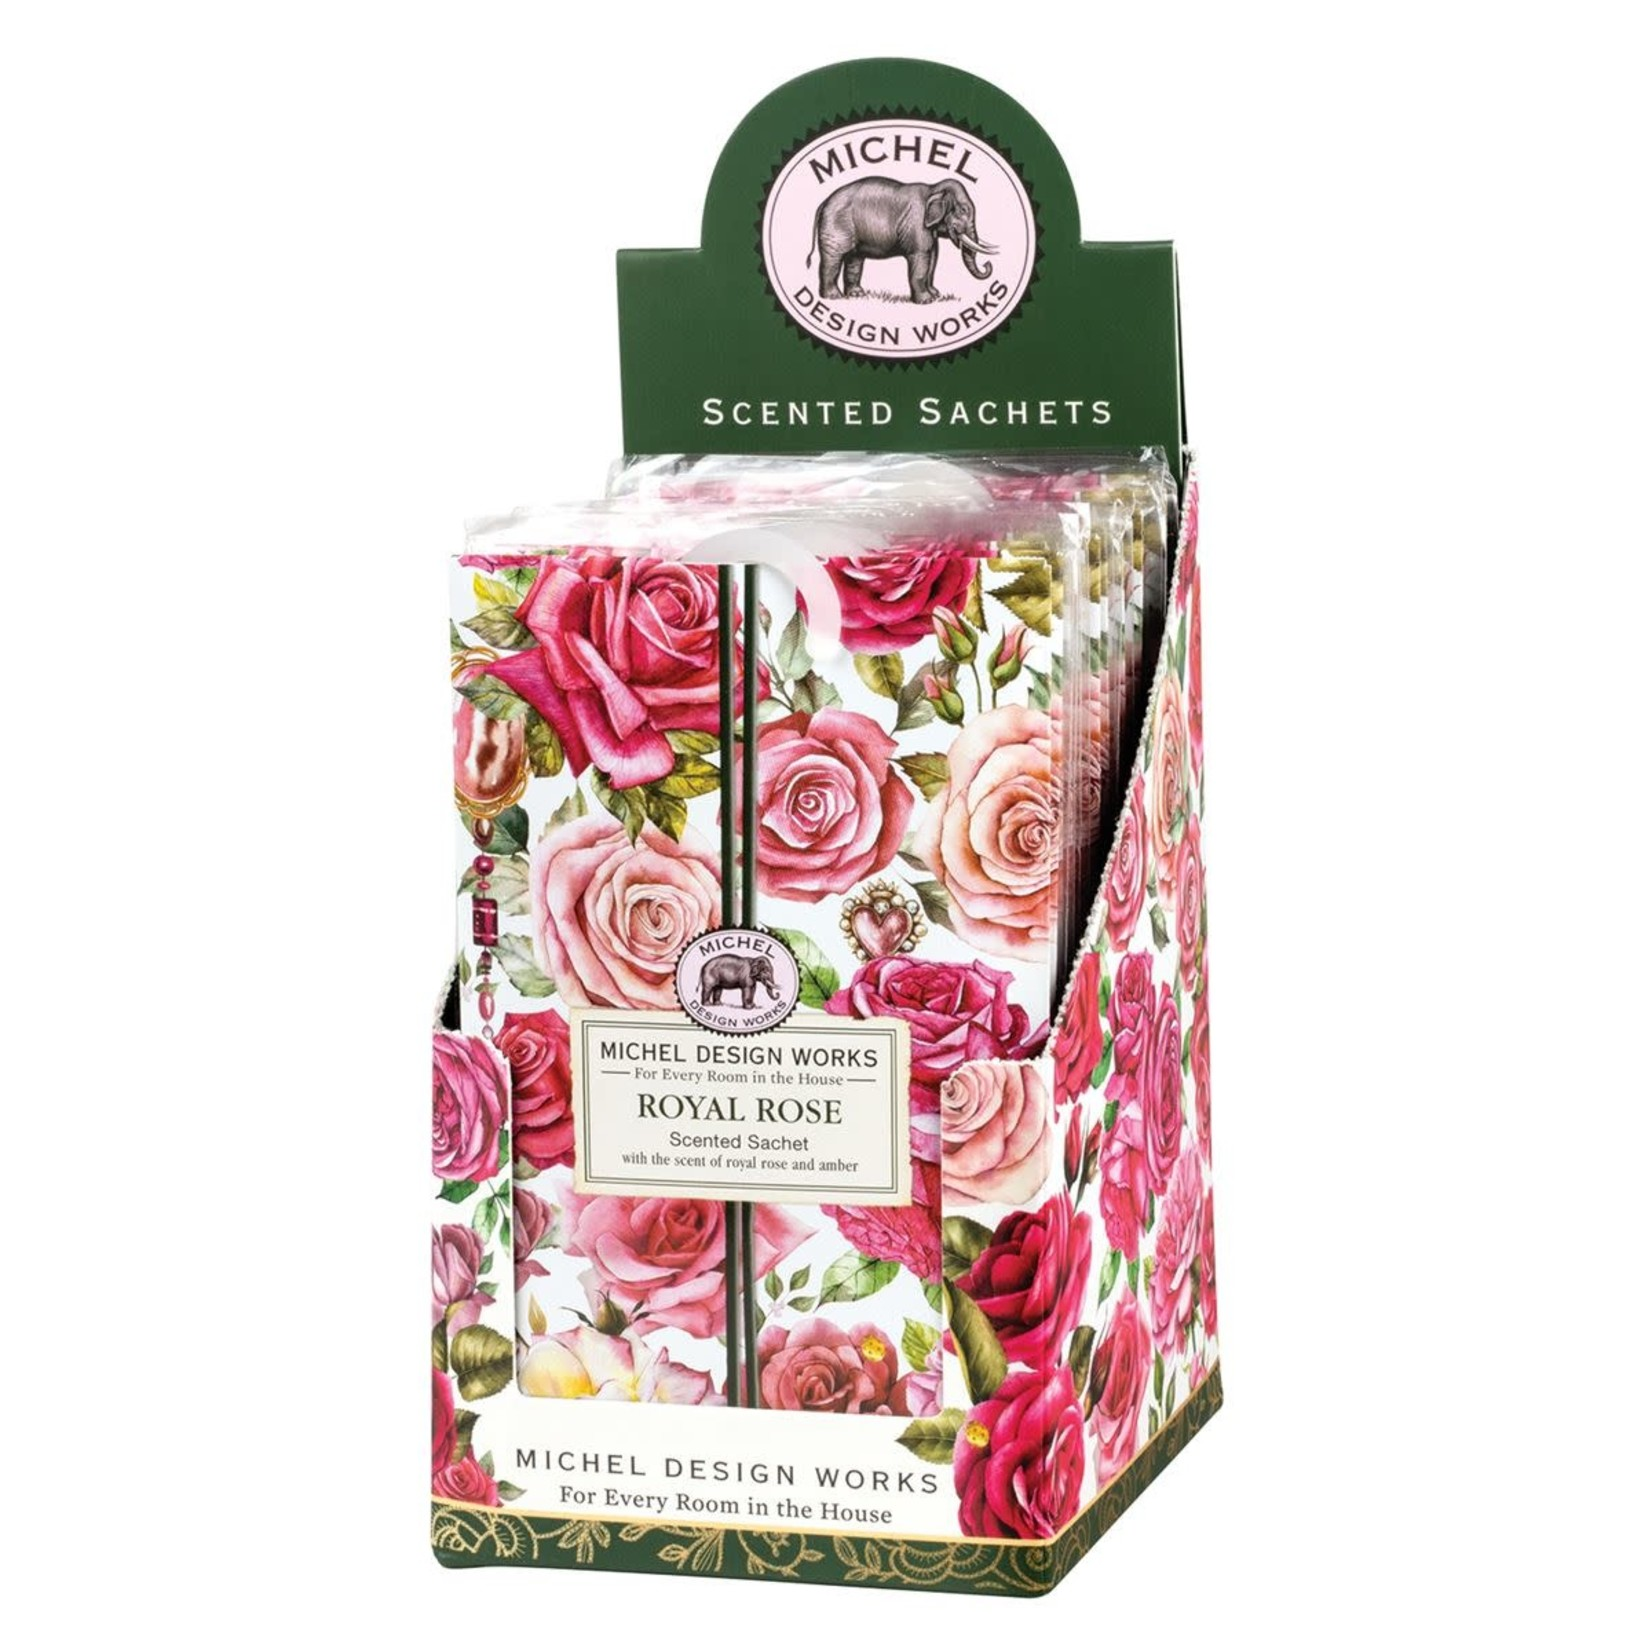 Michel Design Works Royal Rose Scented Sachet 7 oz Packet